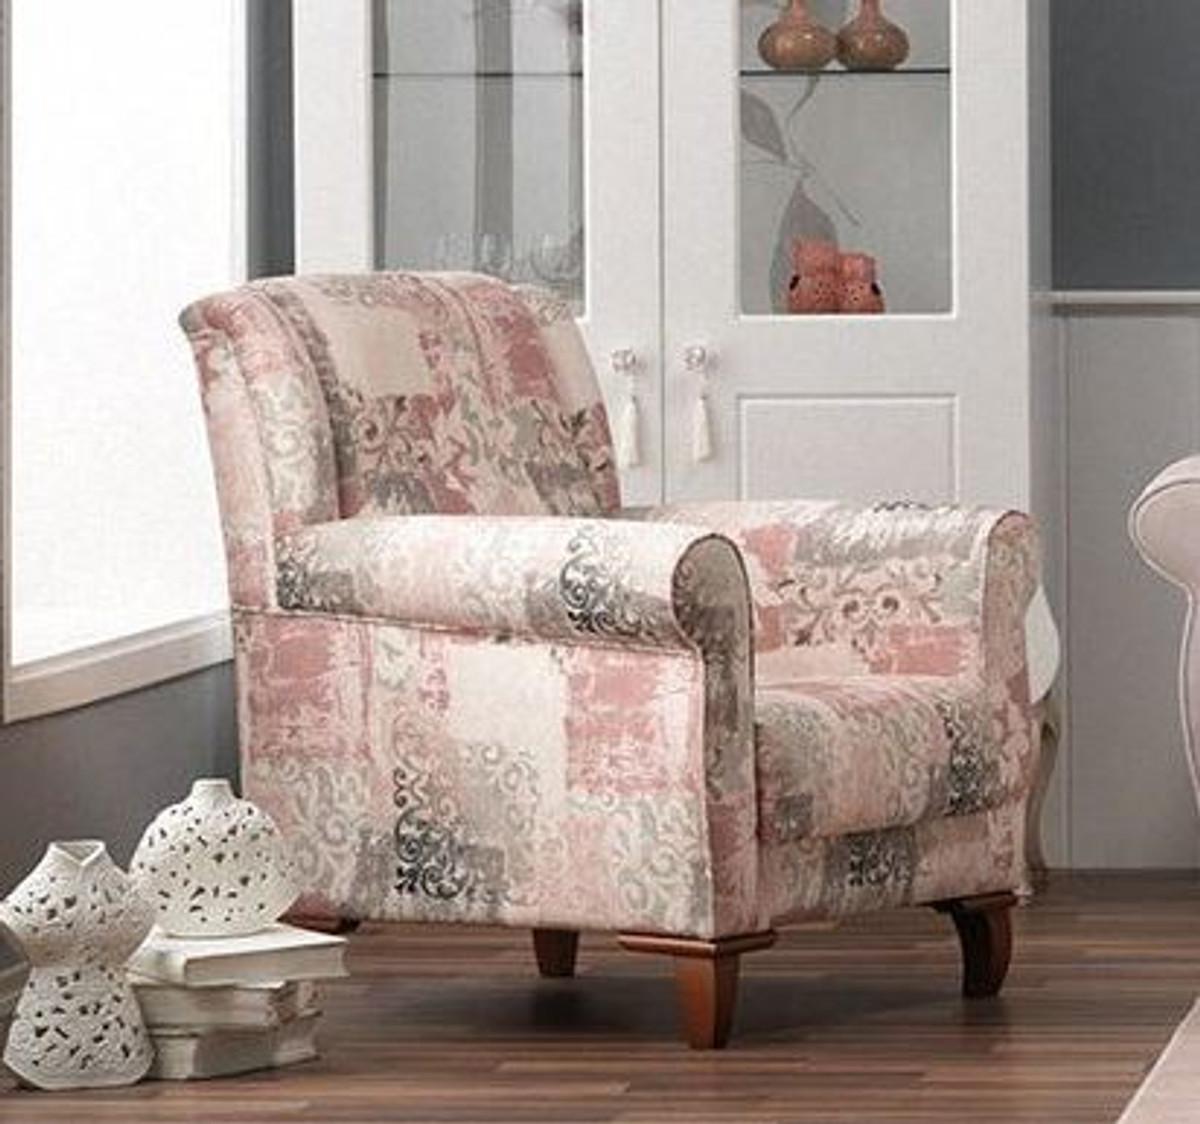 casa padrino designer bergere sessel stuttgart wei rose muster hotel m bel sofa sets. Black Bedroom Furniture Sets. Home Design Ideas